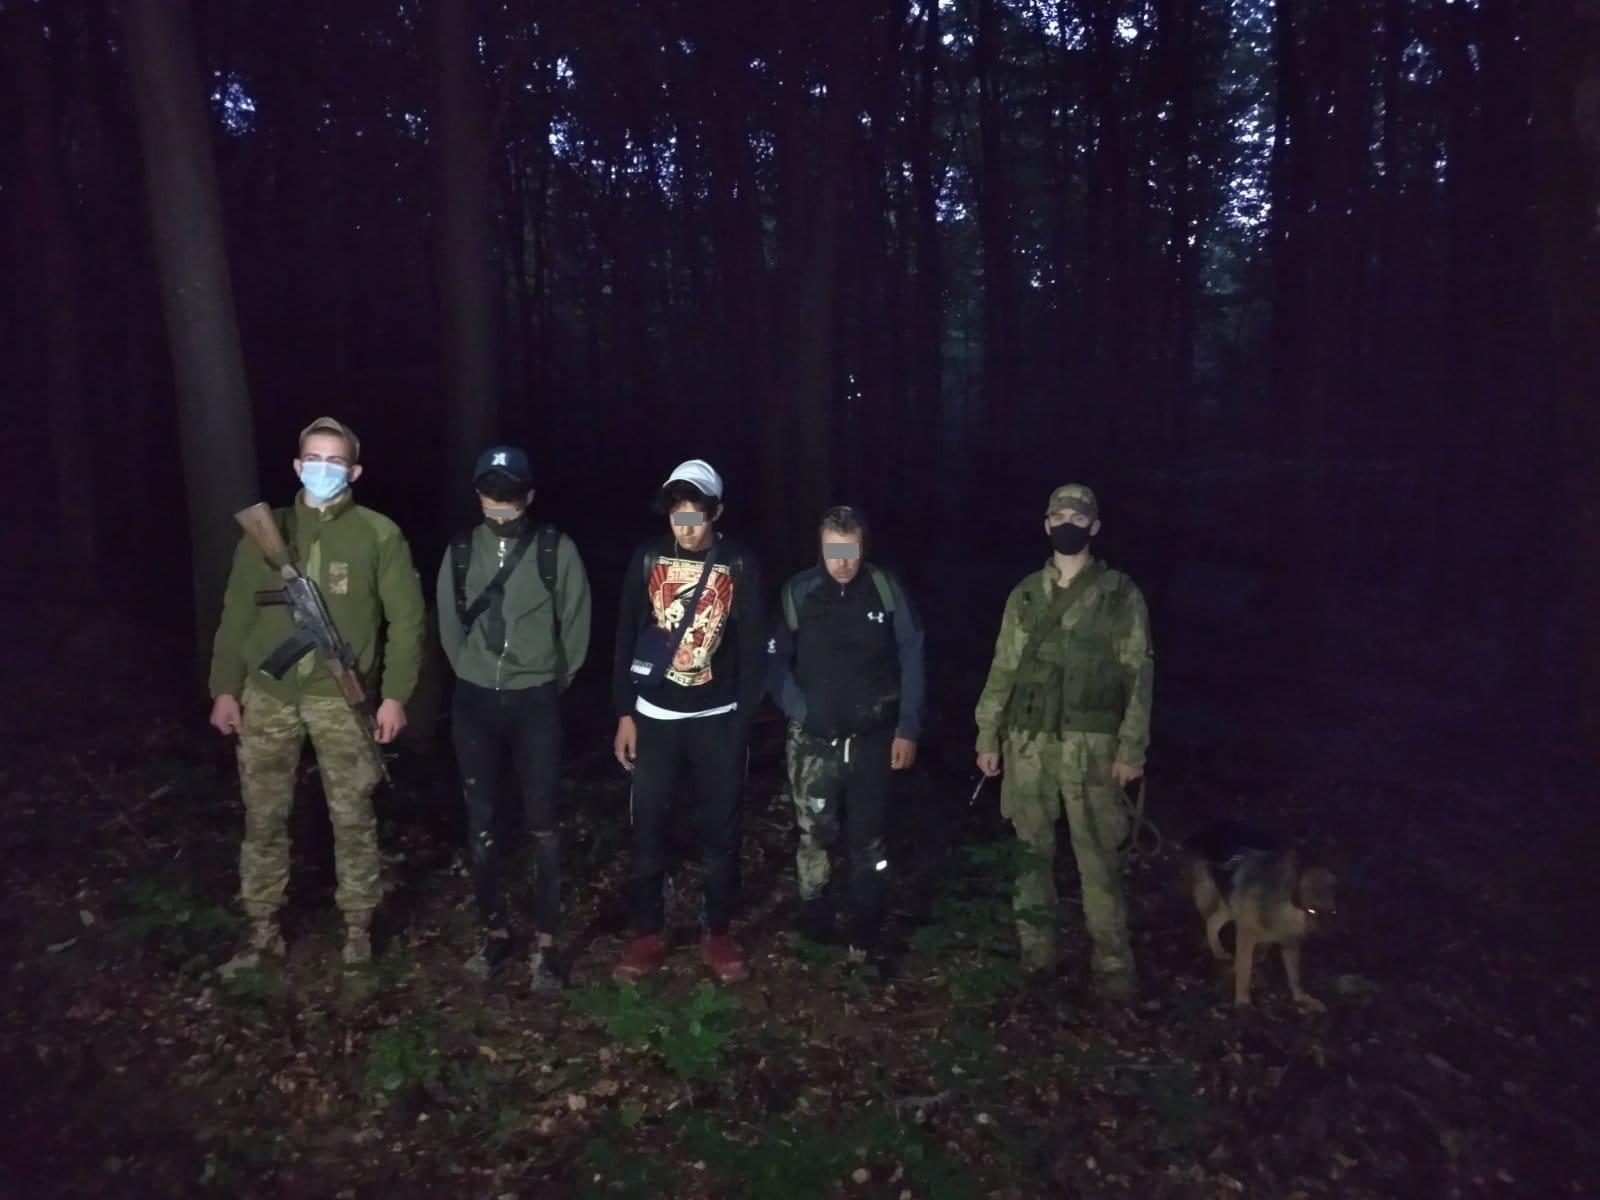 Вночі на Ужгородщині затримани трьох іноземців.